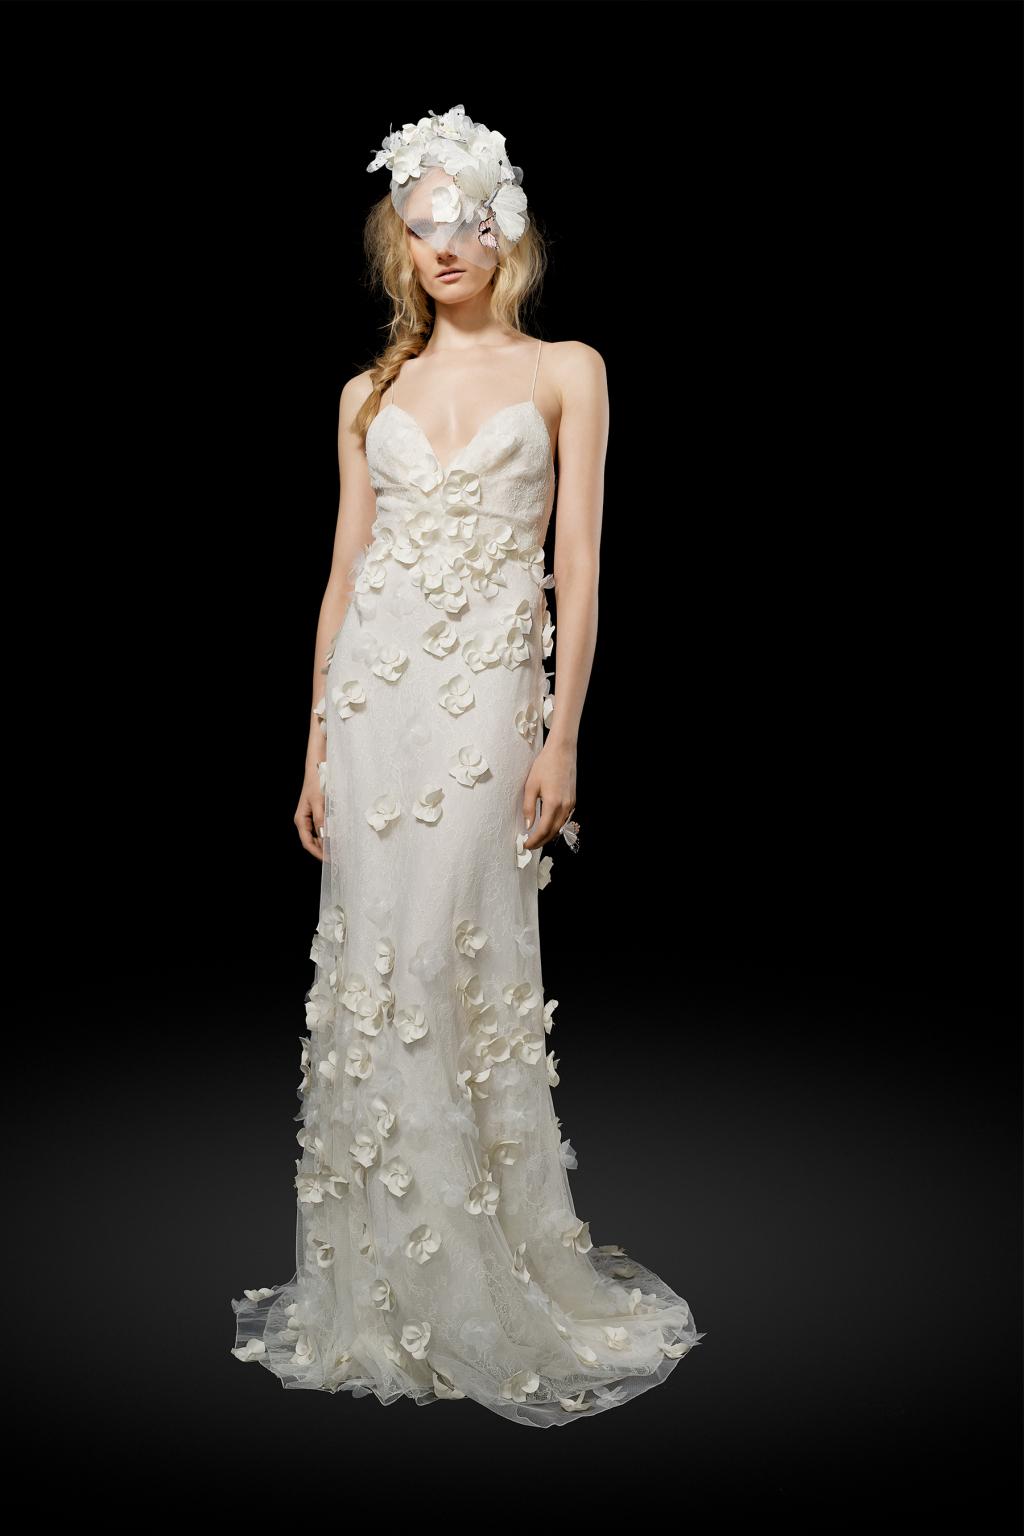 Свадебное платье с рассыпаными нежными белыми цветами и такая же шляпка из коллекции Elizabeth Fillmore.